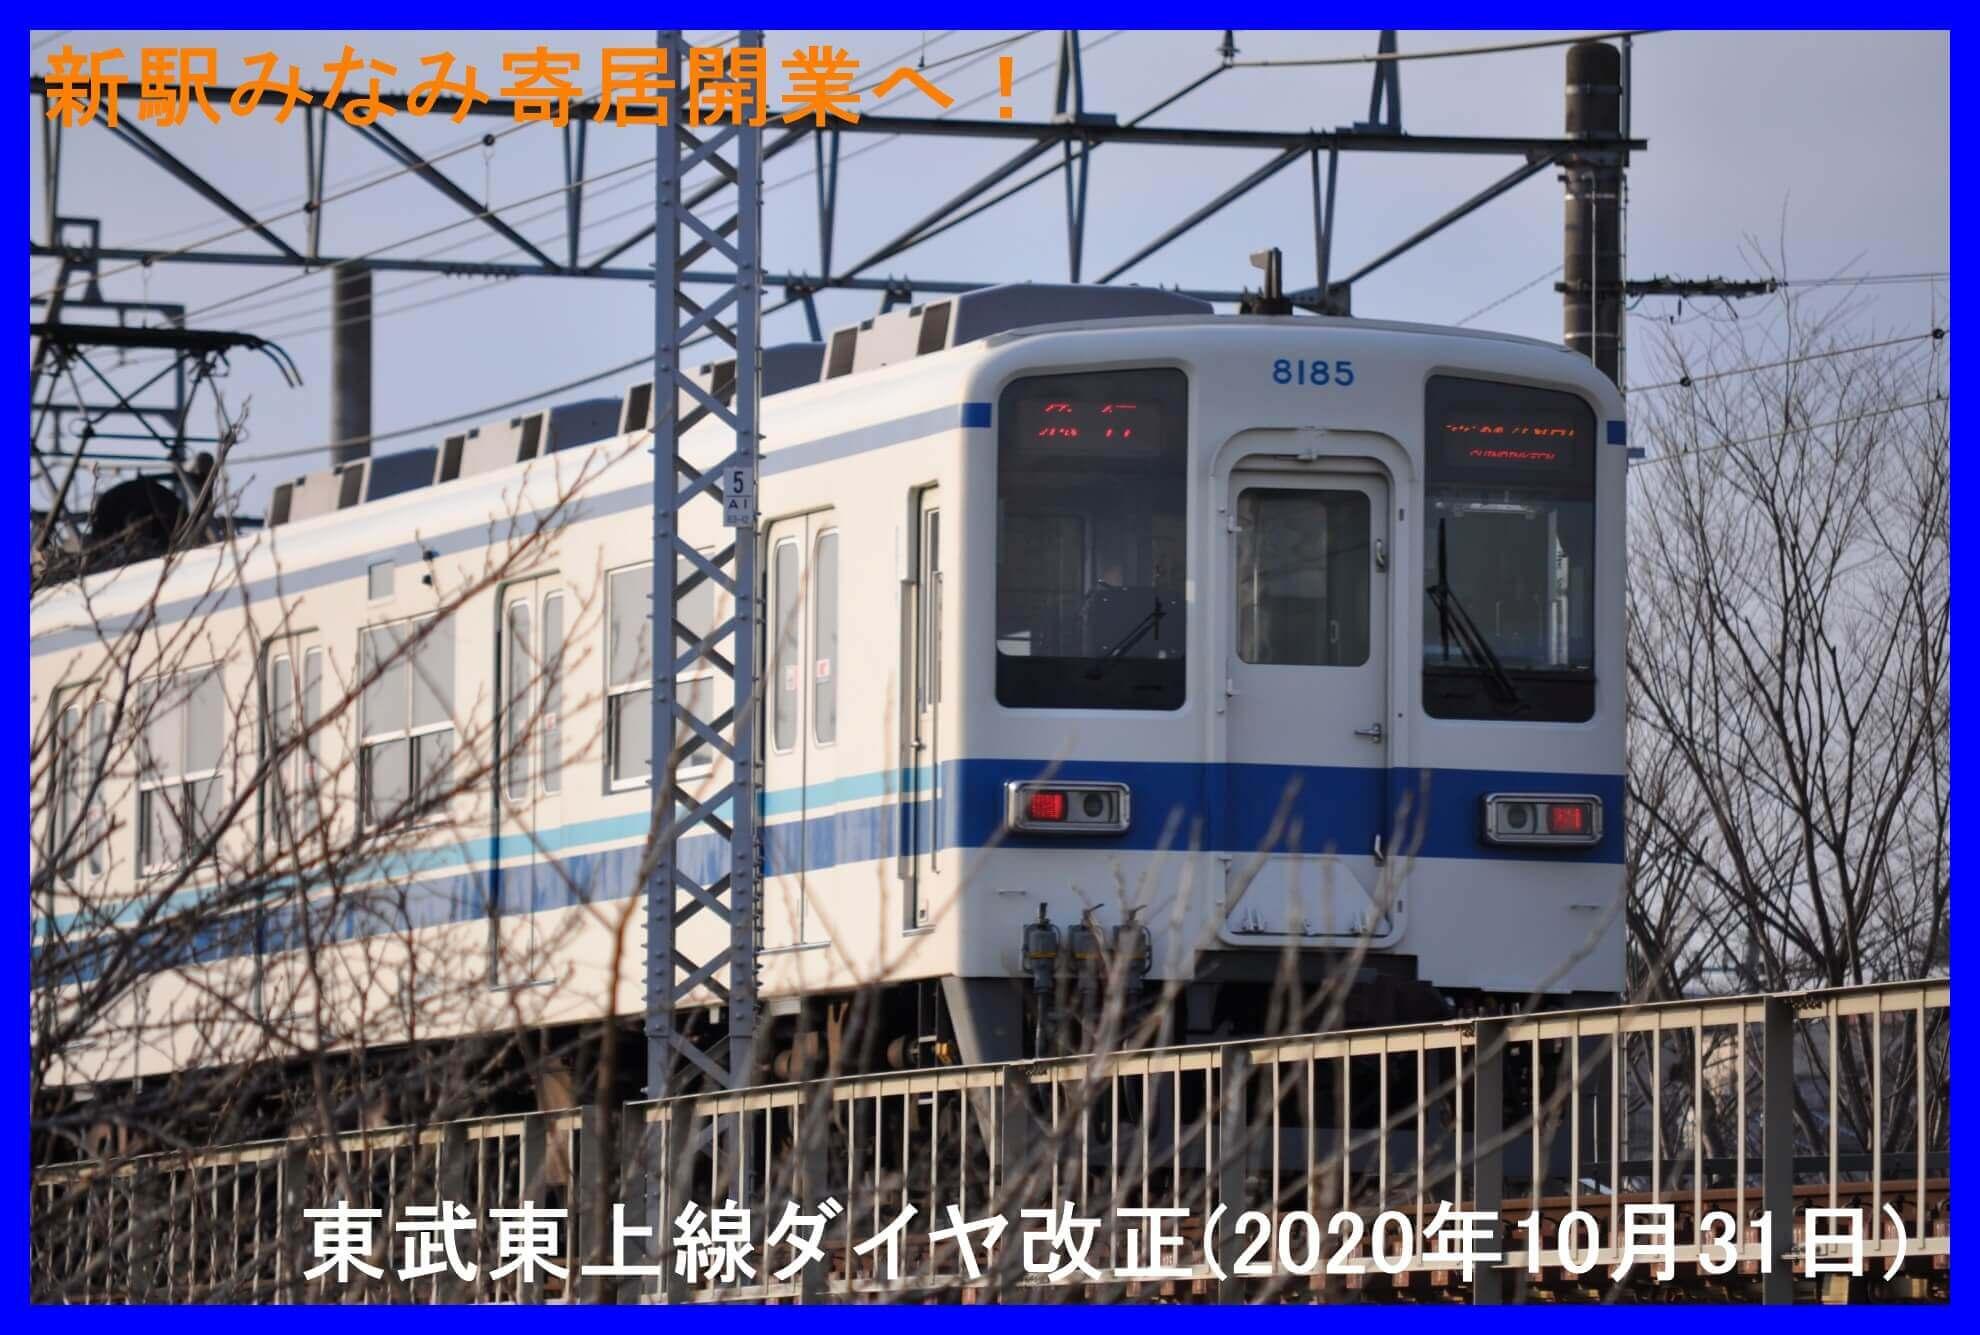 新駅開業へ! 東武東上線ダイヤ改正(2020年10月31日)